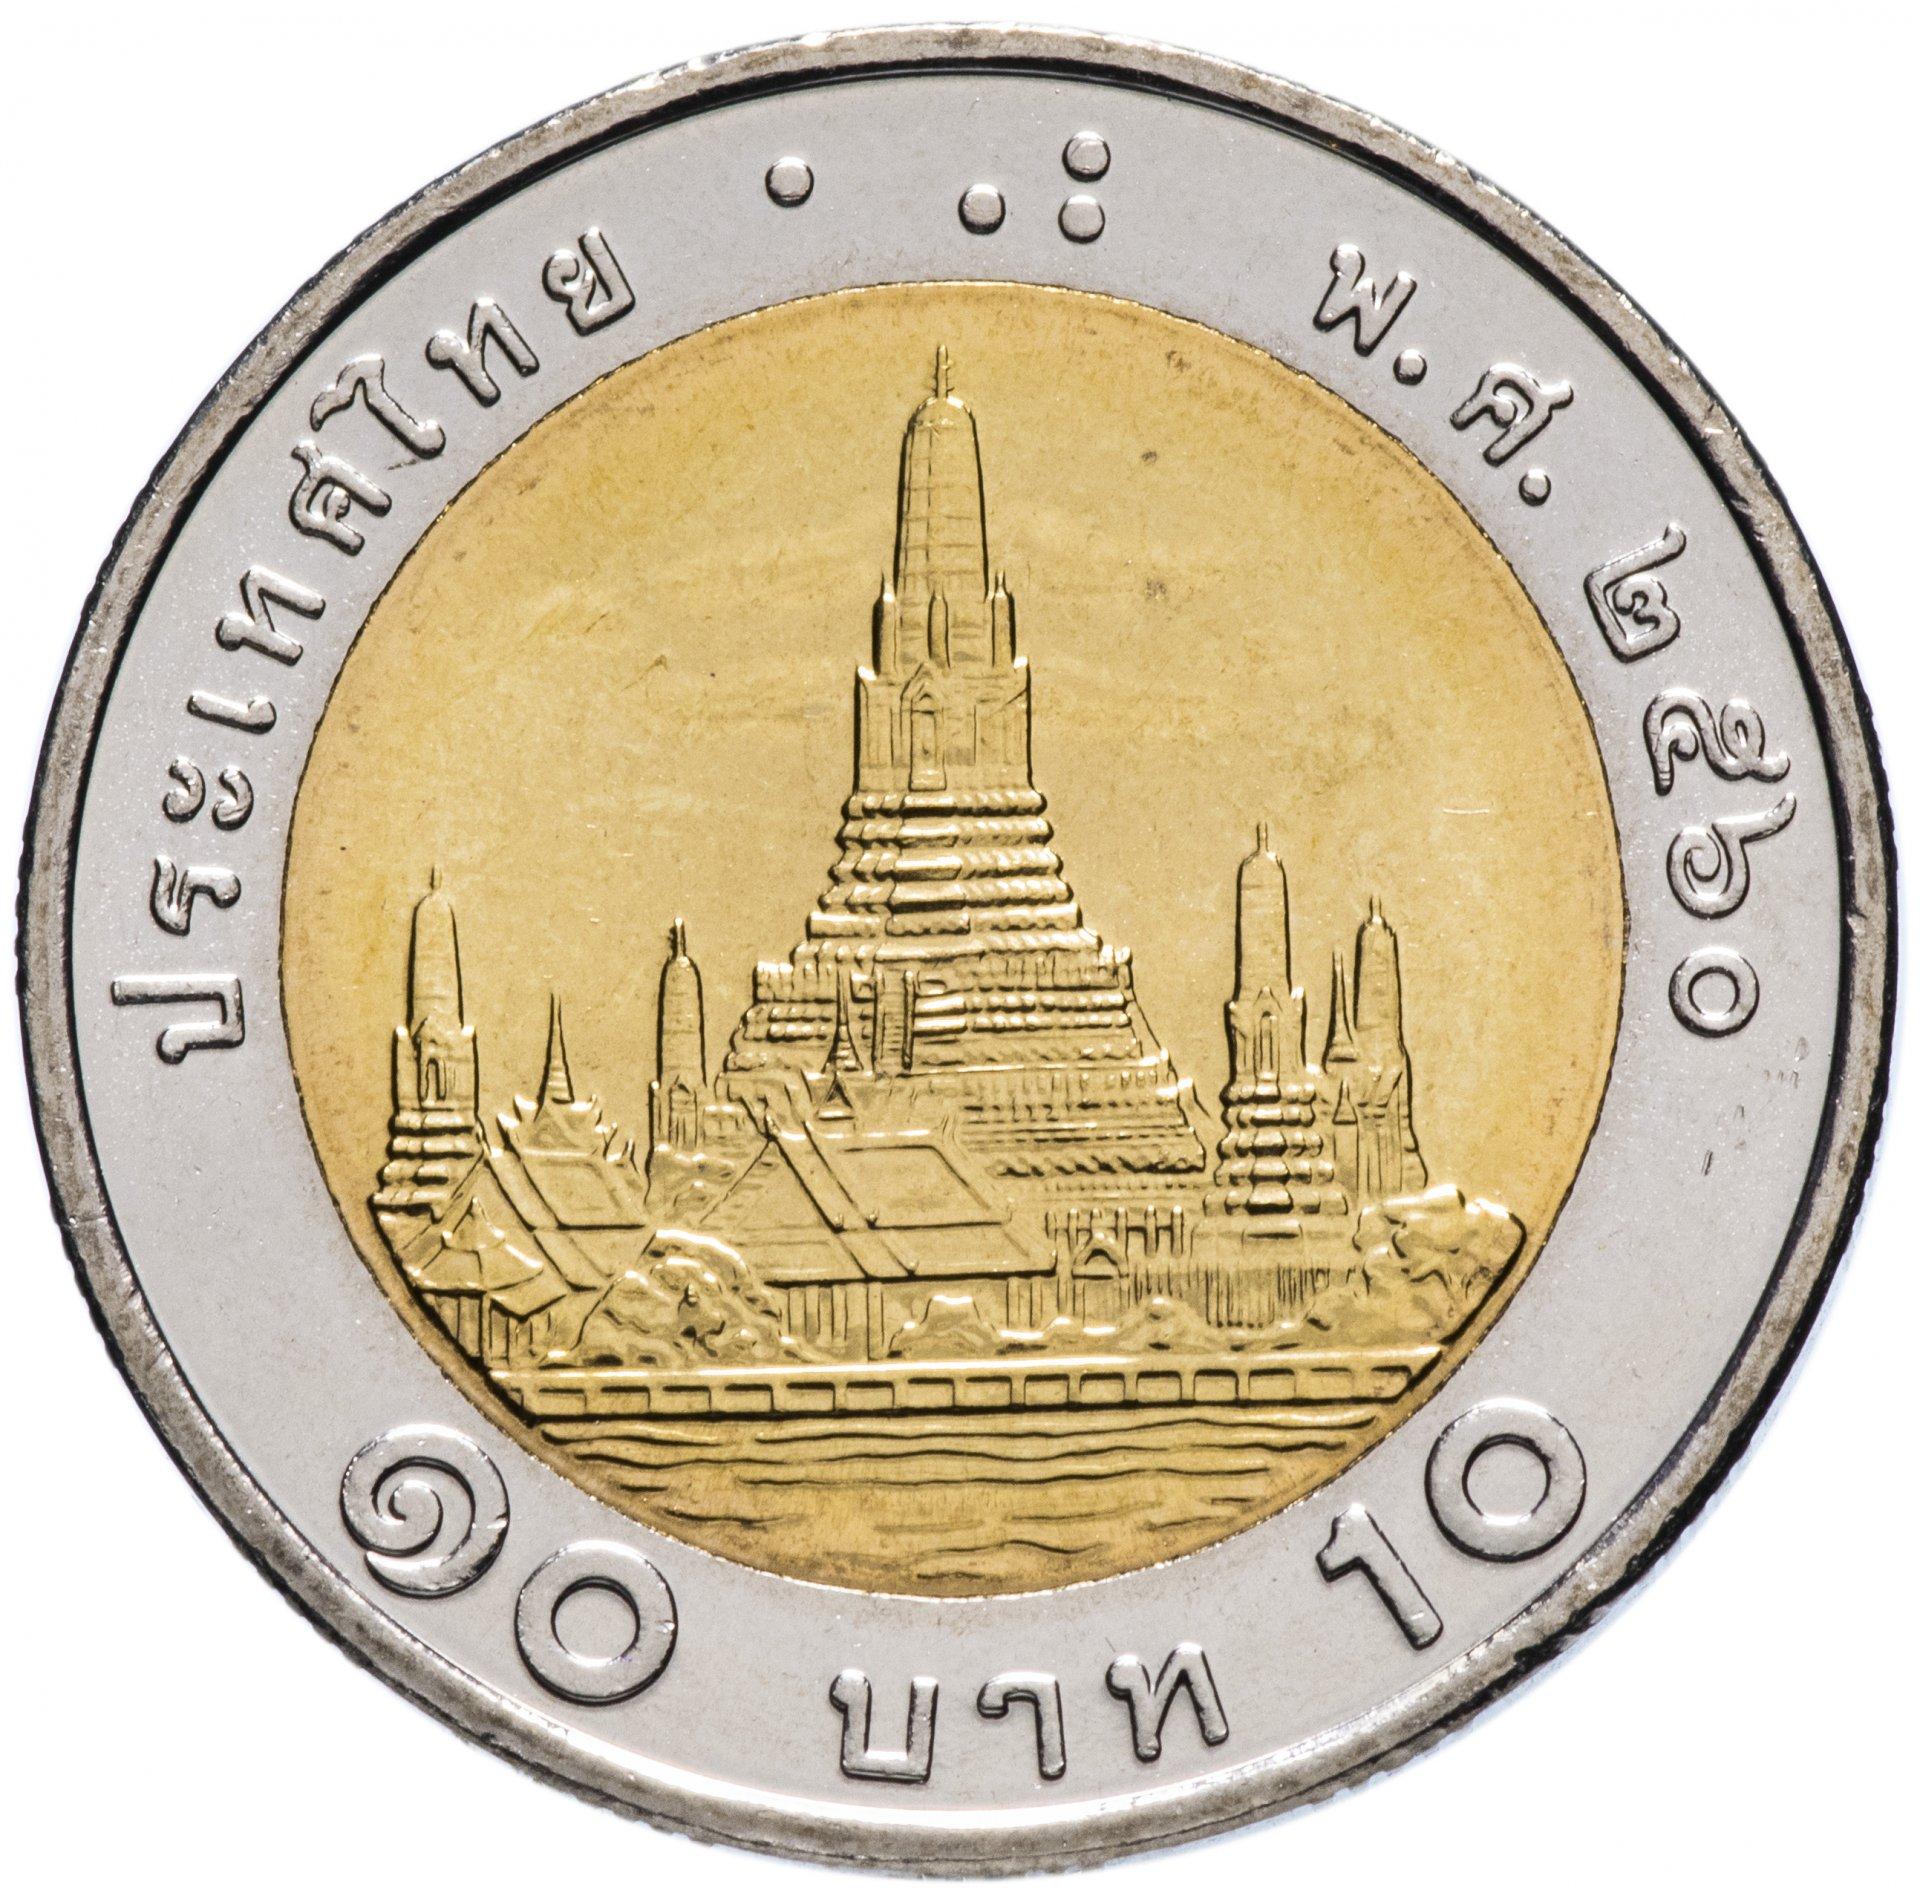 монеты тайланда картинки которая определению считается